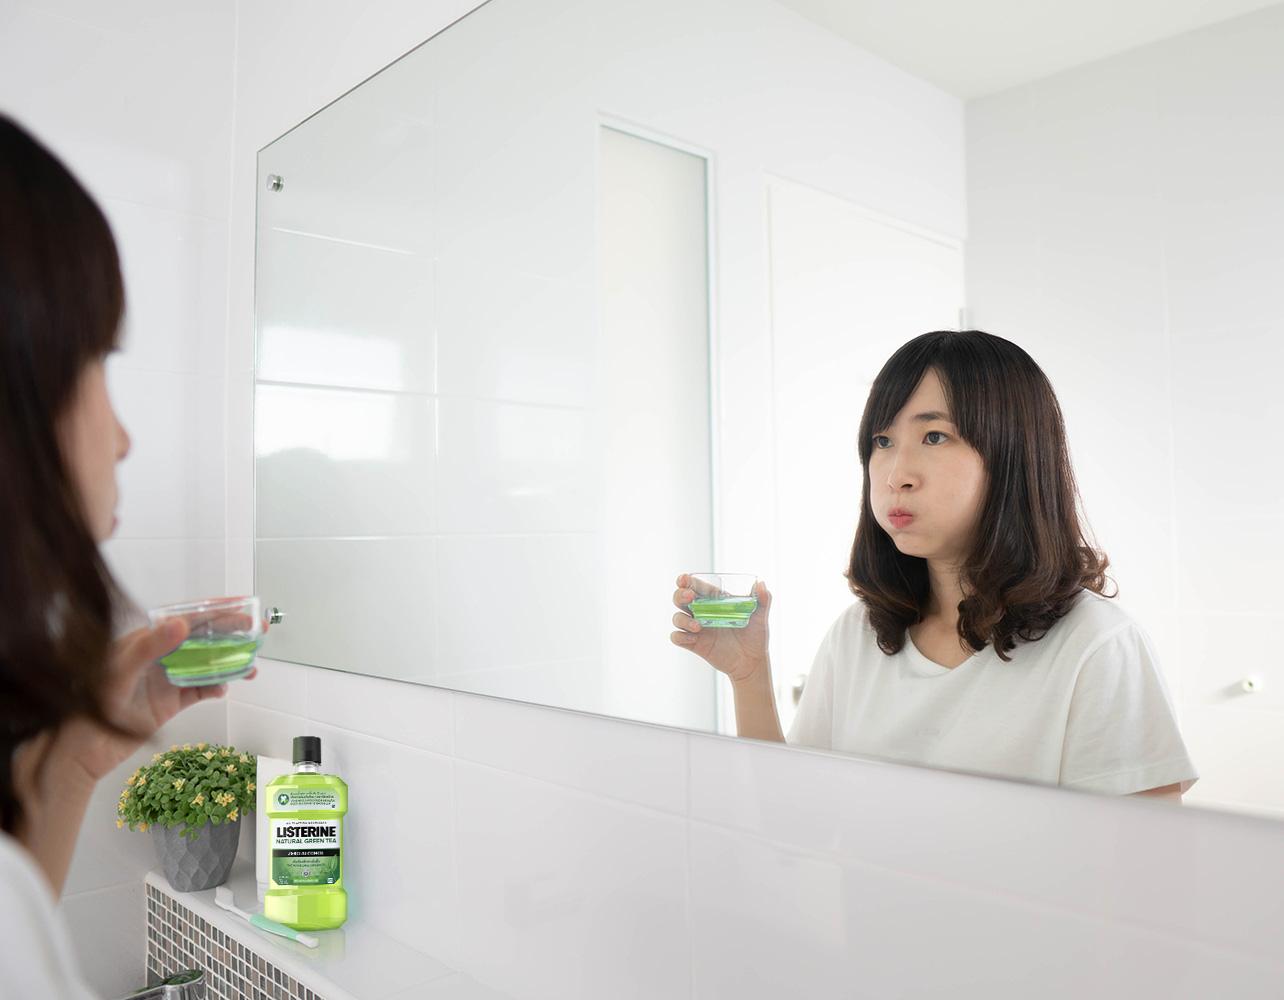 Phòng bệnh hơn chữa bệnh - điểm danh 4 thói quen vệ sinh bạn cần tiếp tục duy trì - Ảnh 3.